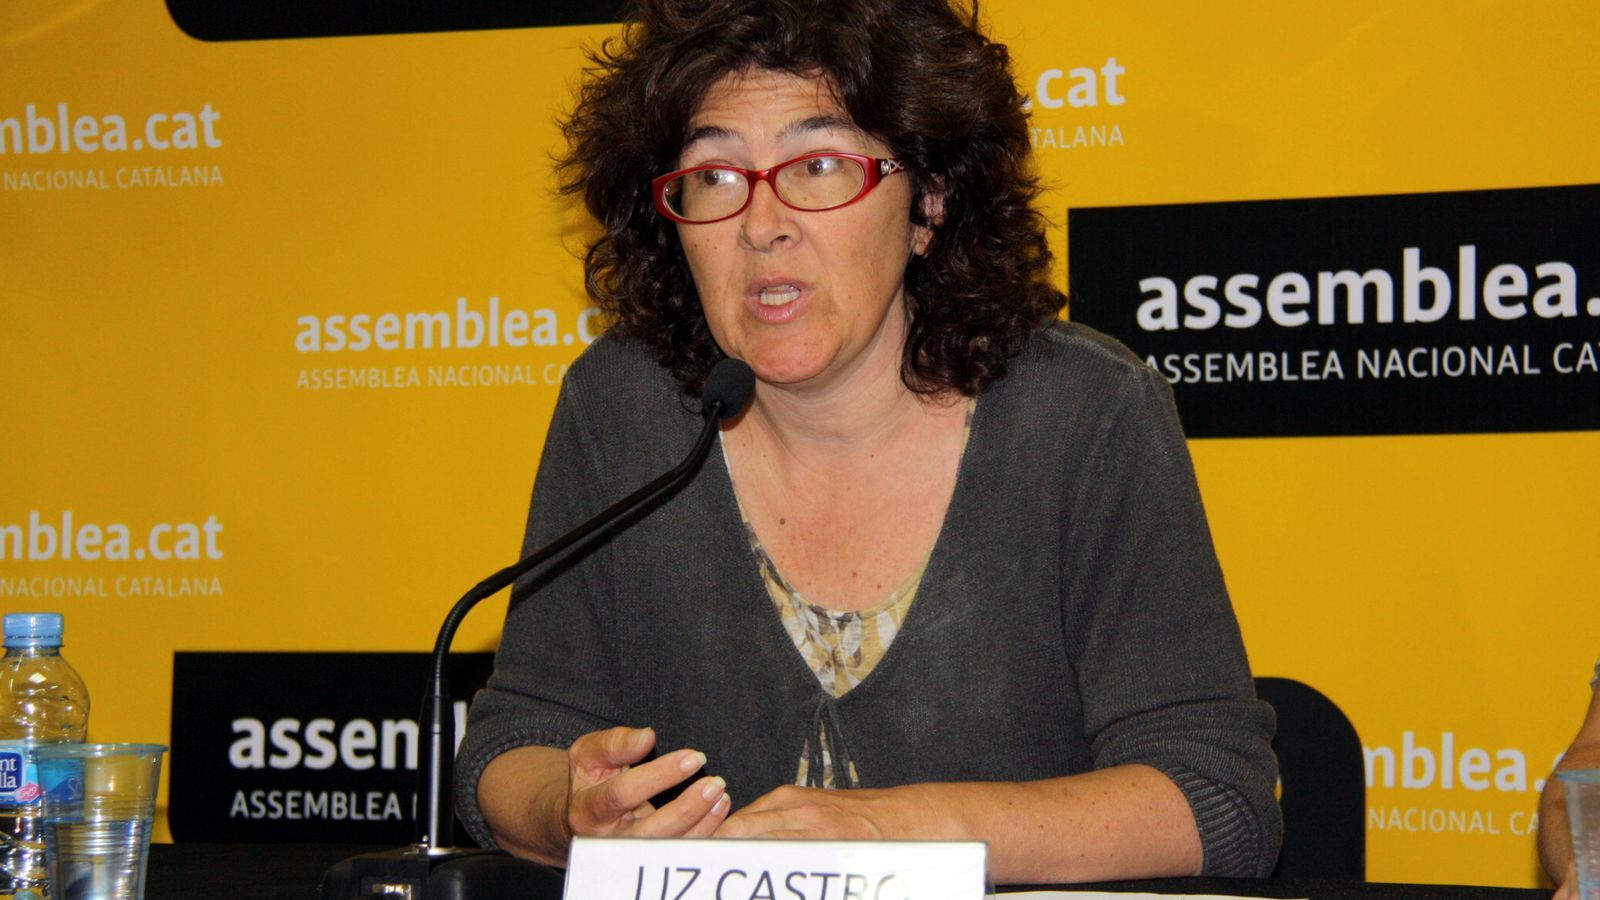 L'excandidata a presidir l'ANC Liz Castro, en una imatge d'arxiu